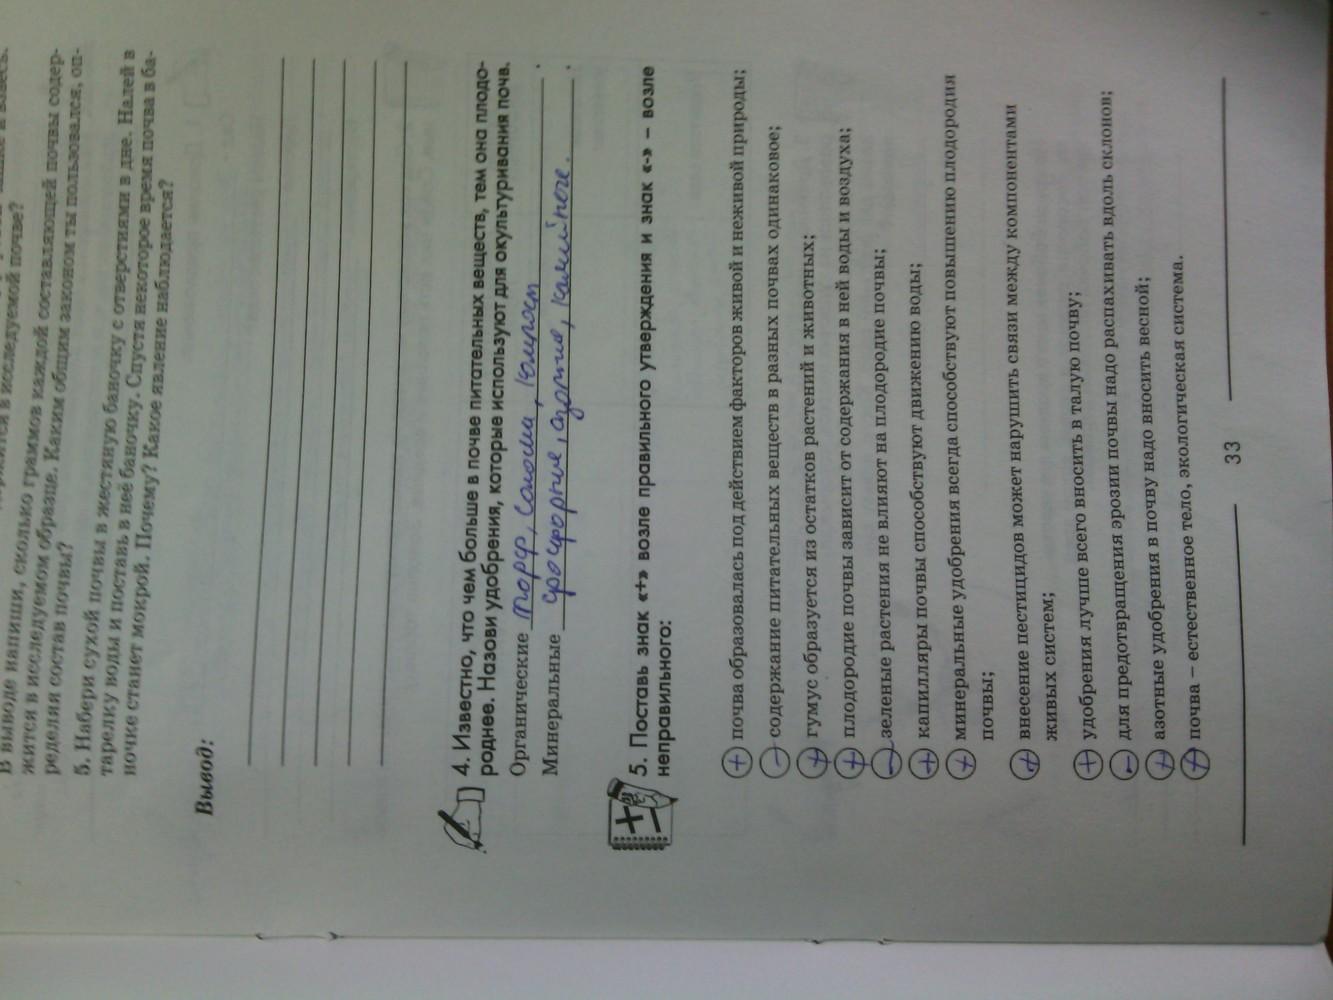 ГДЗ відповіді робочий зошит по биологии 6 класс Котик, Гусева. Задание: стр. 33